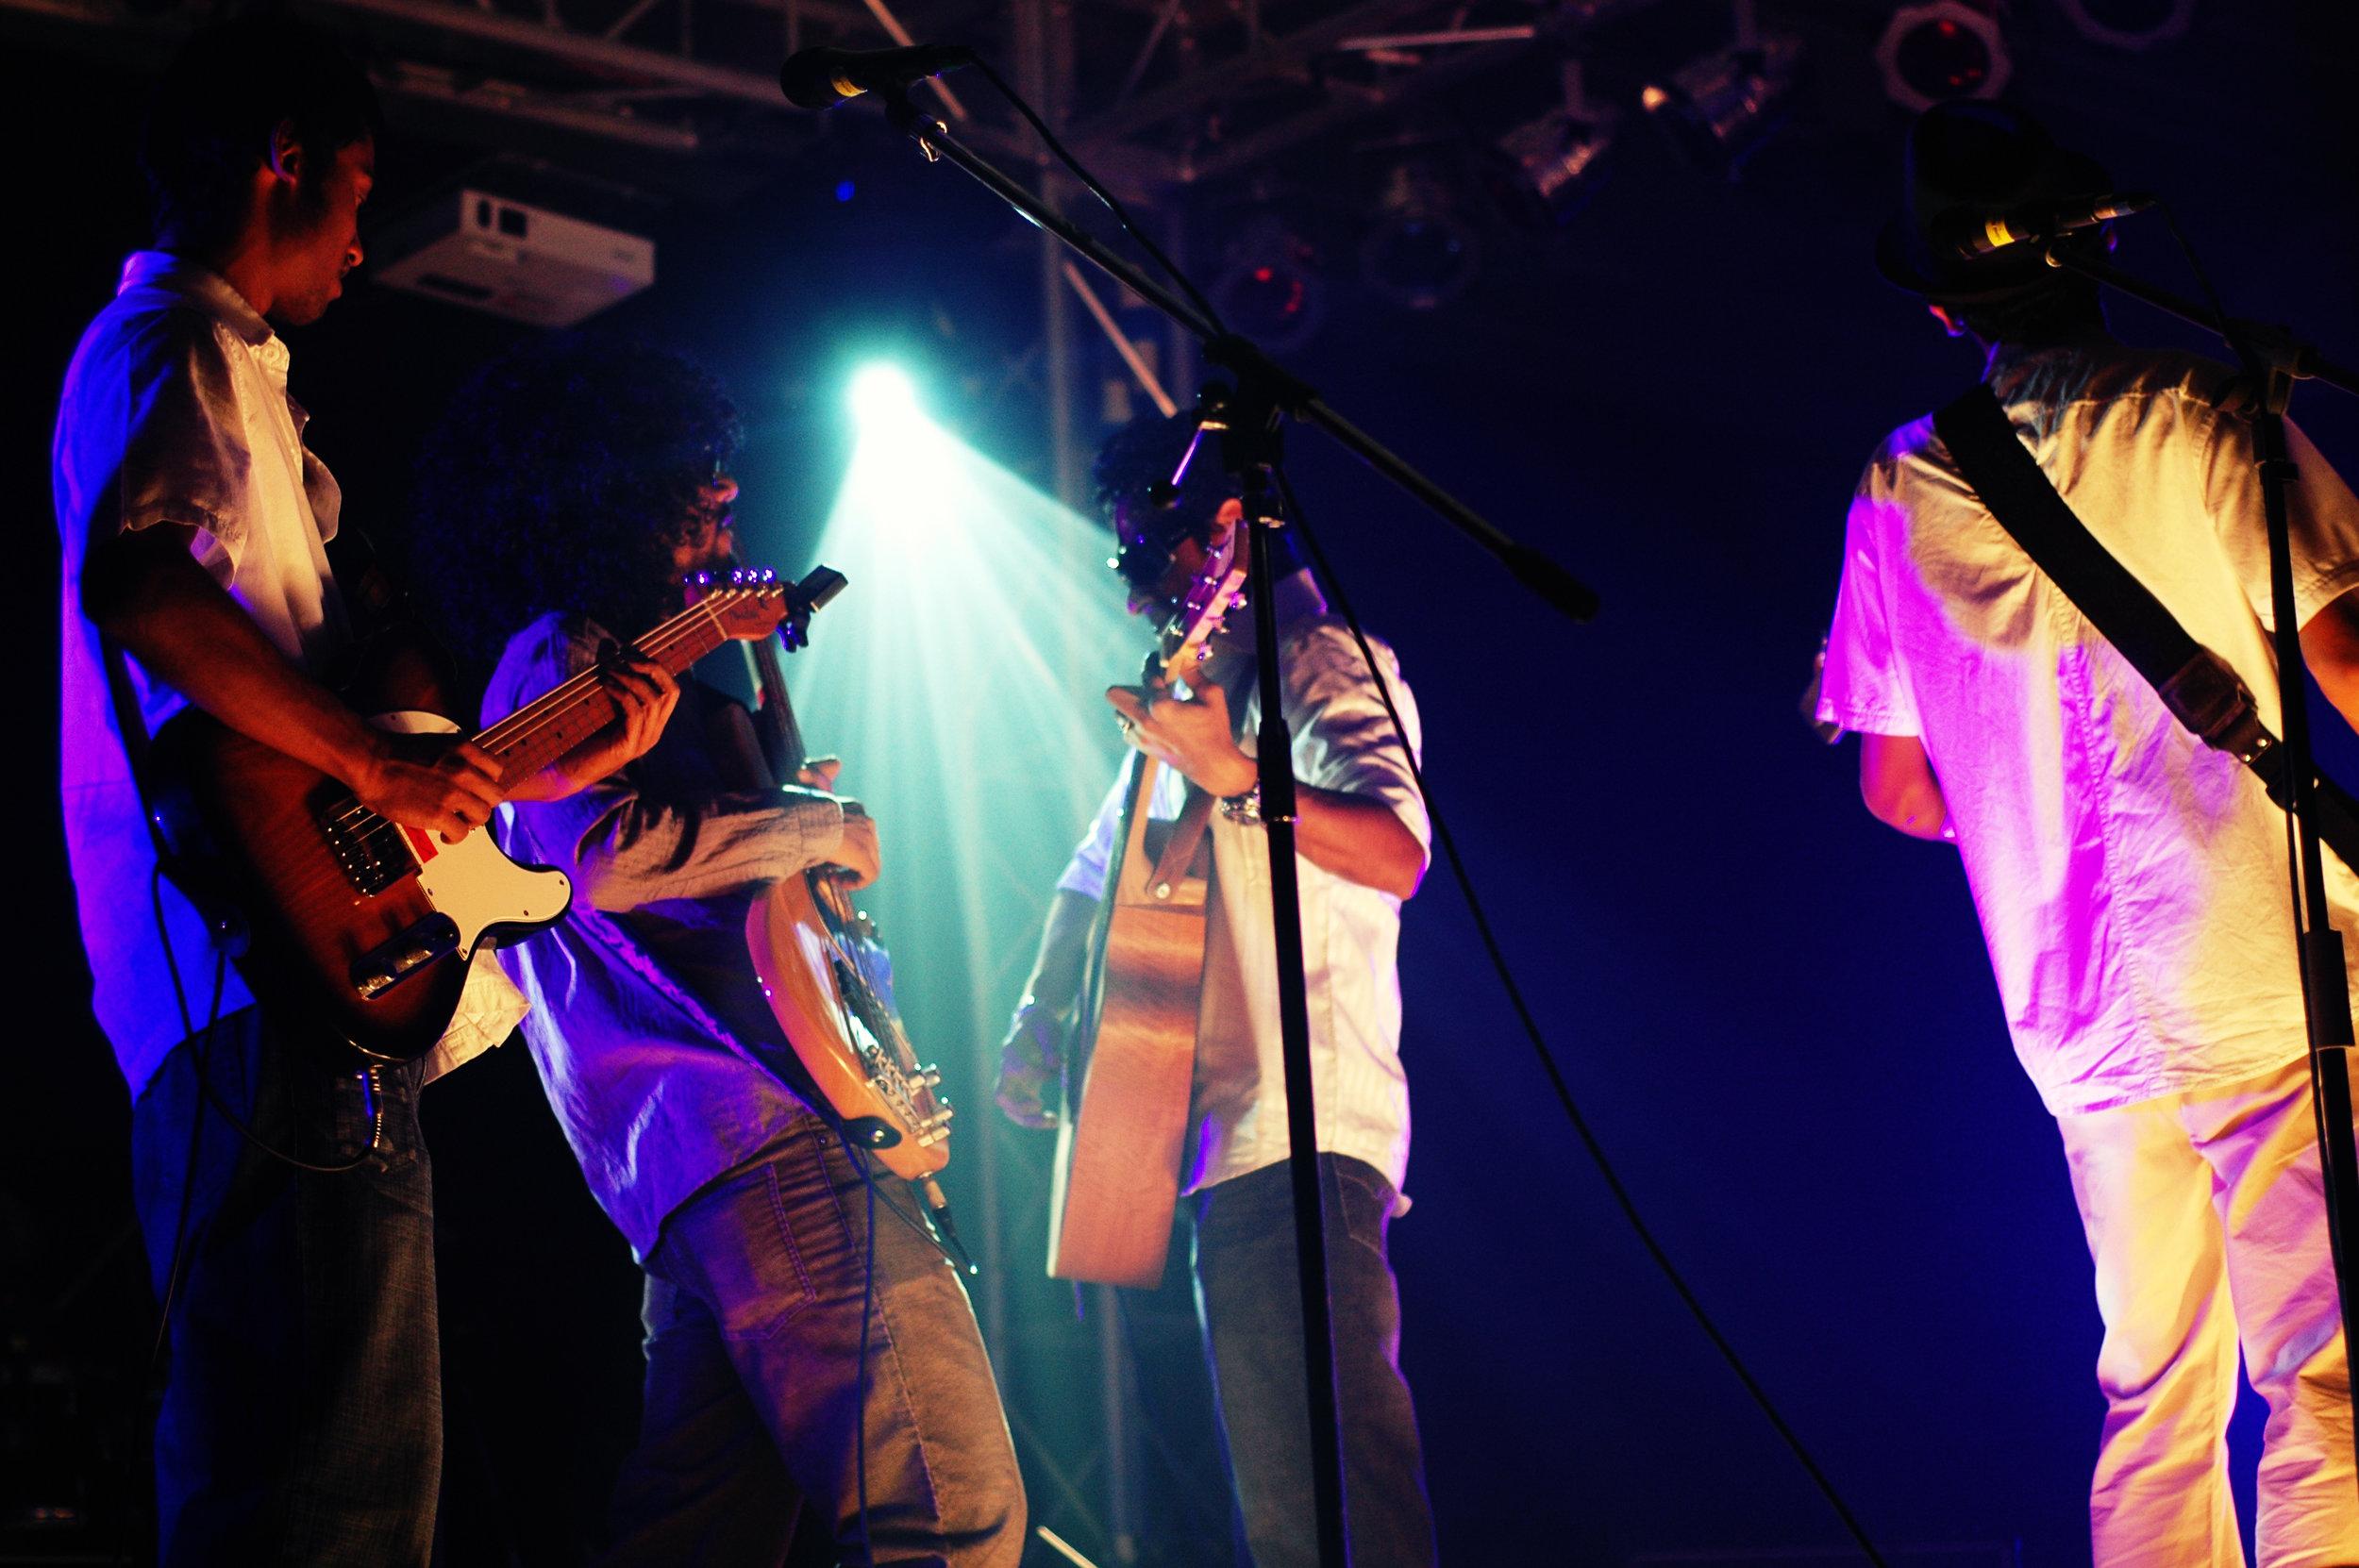 2009-08-19 - Male' City - Dharubaaruge' - Eku Ekee Album Launch - D70s-8017.jpg